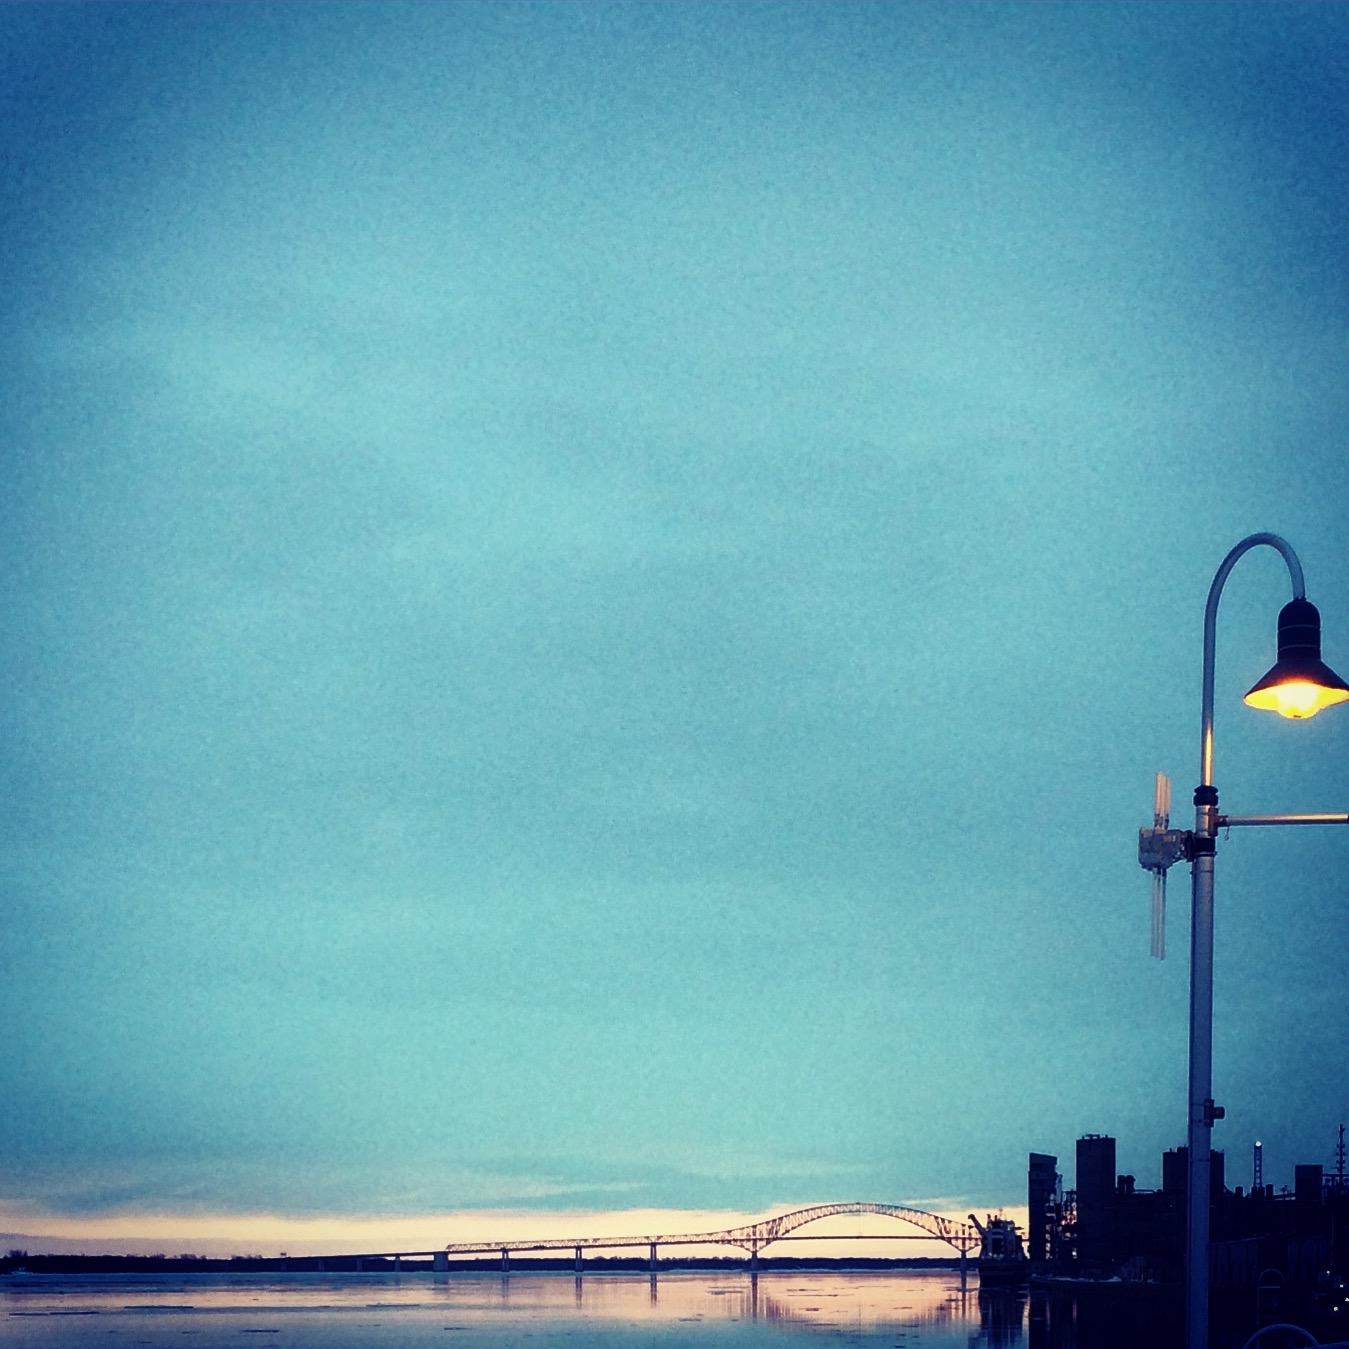 Sunset over the Pont Laviolette Bridge in Trois-Rivières